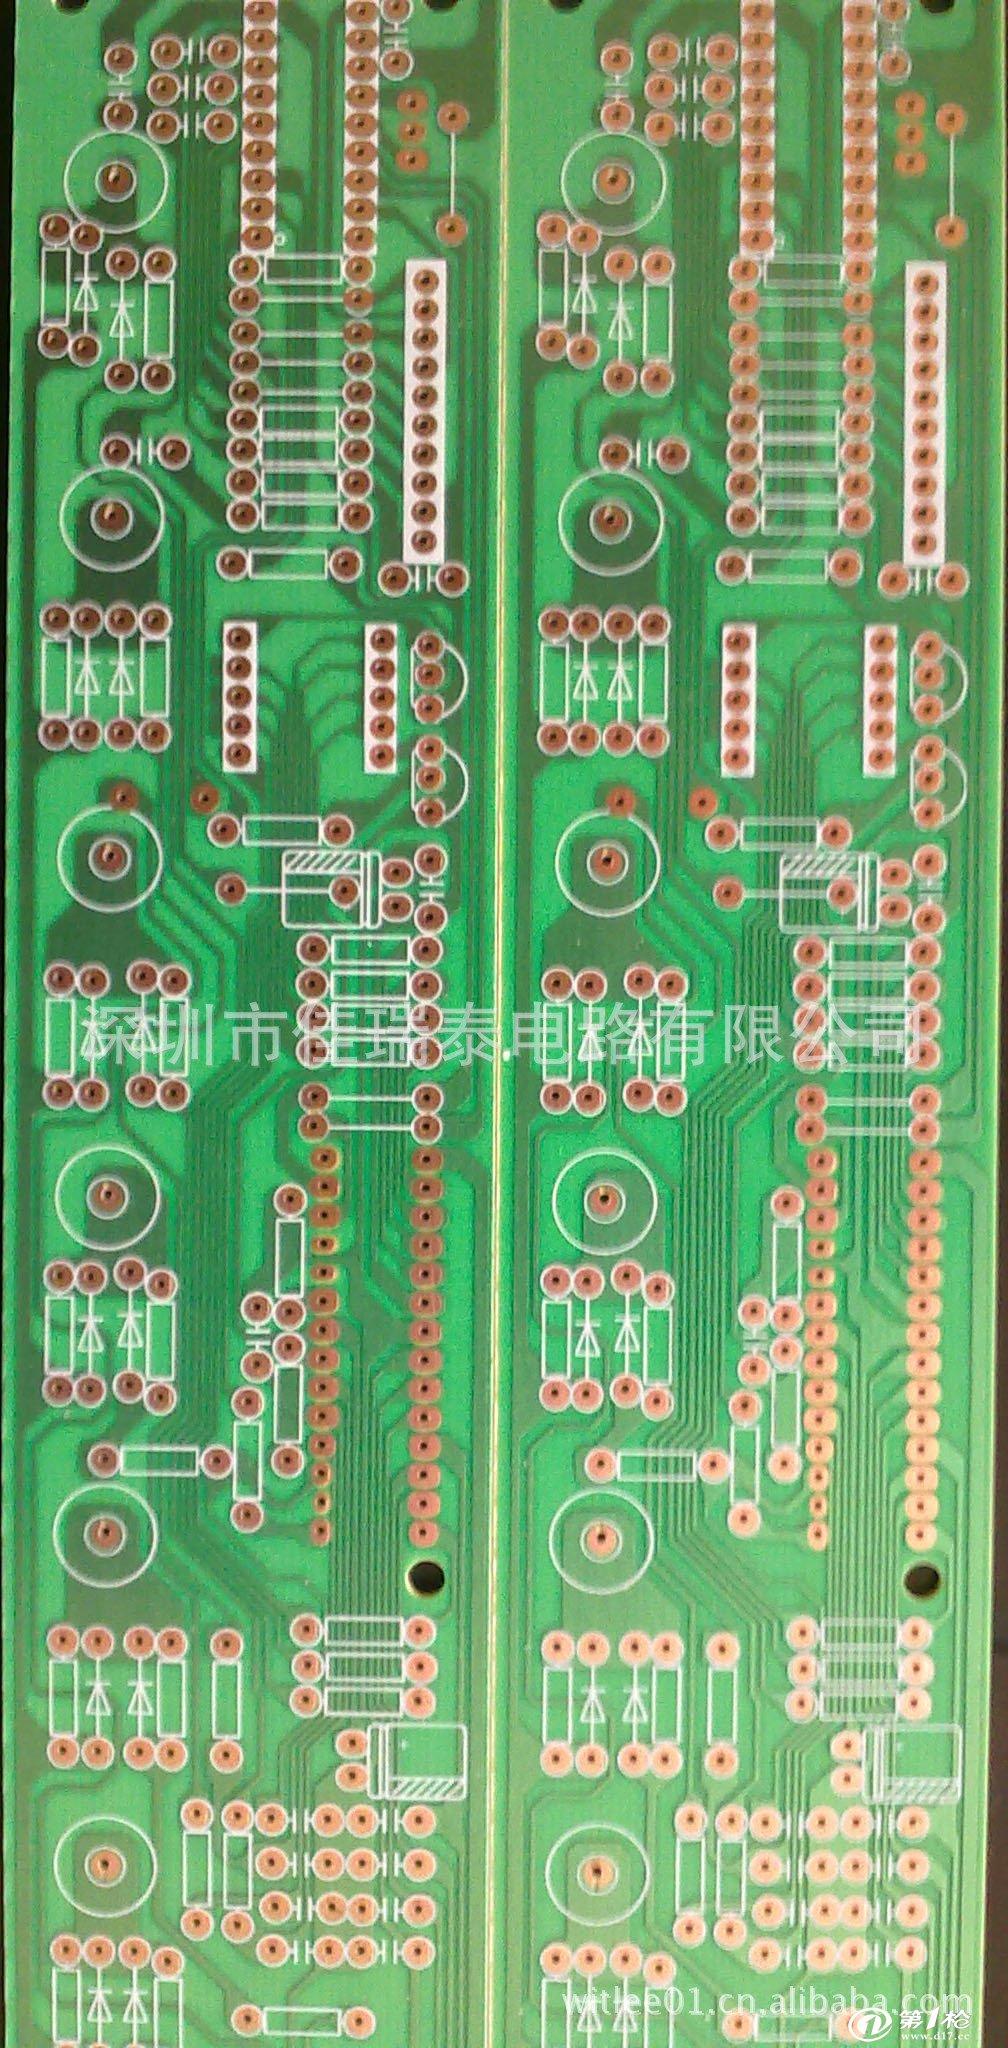 供应单面线路板,模组pcb,节能灯镇流器路板,电路板pcb